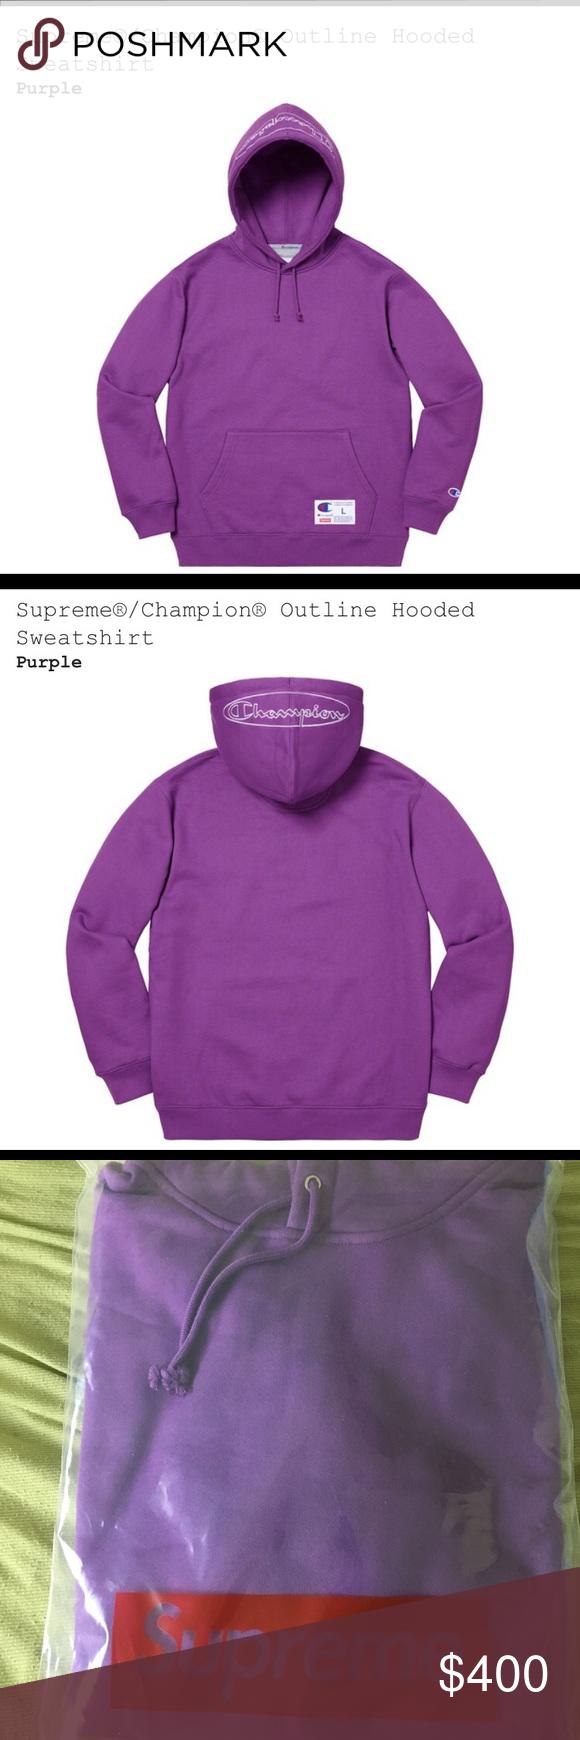 Supreme Champion Hoodie Champion Hoodie Hoodies Clothes Design [ 1740 x 580 Pixel ]